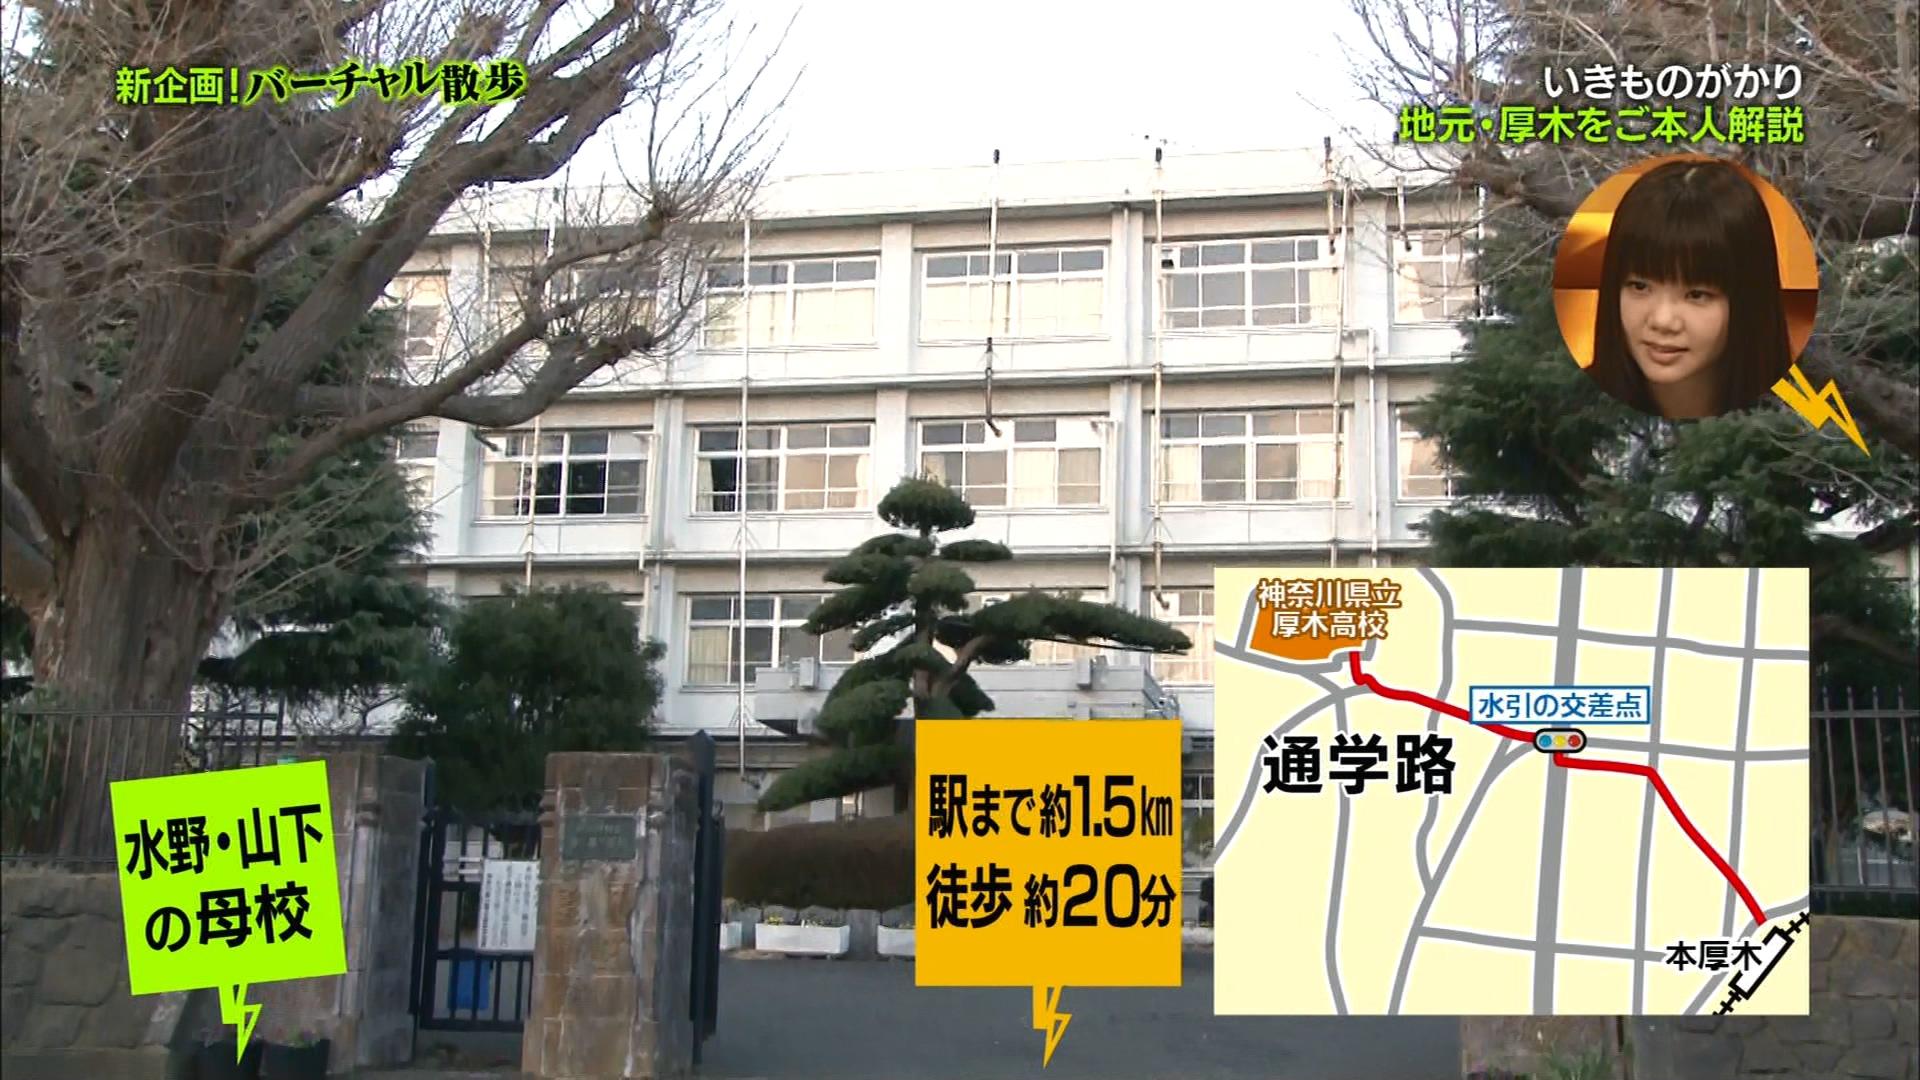 2016.03.11 全場(バズリズム).ts_20160312_013846.567